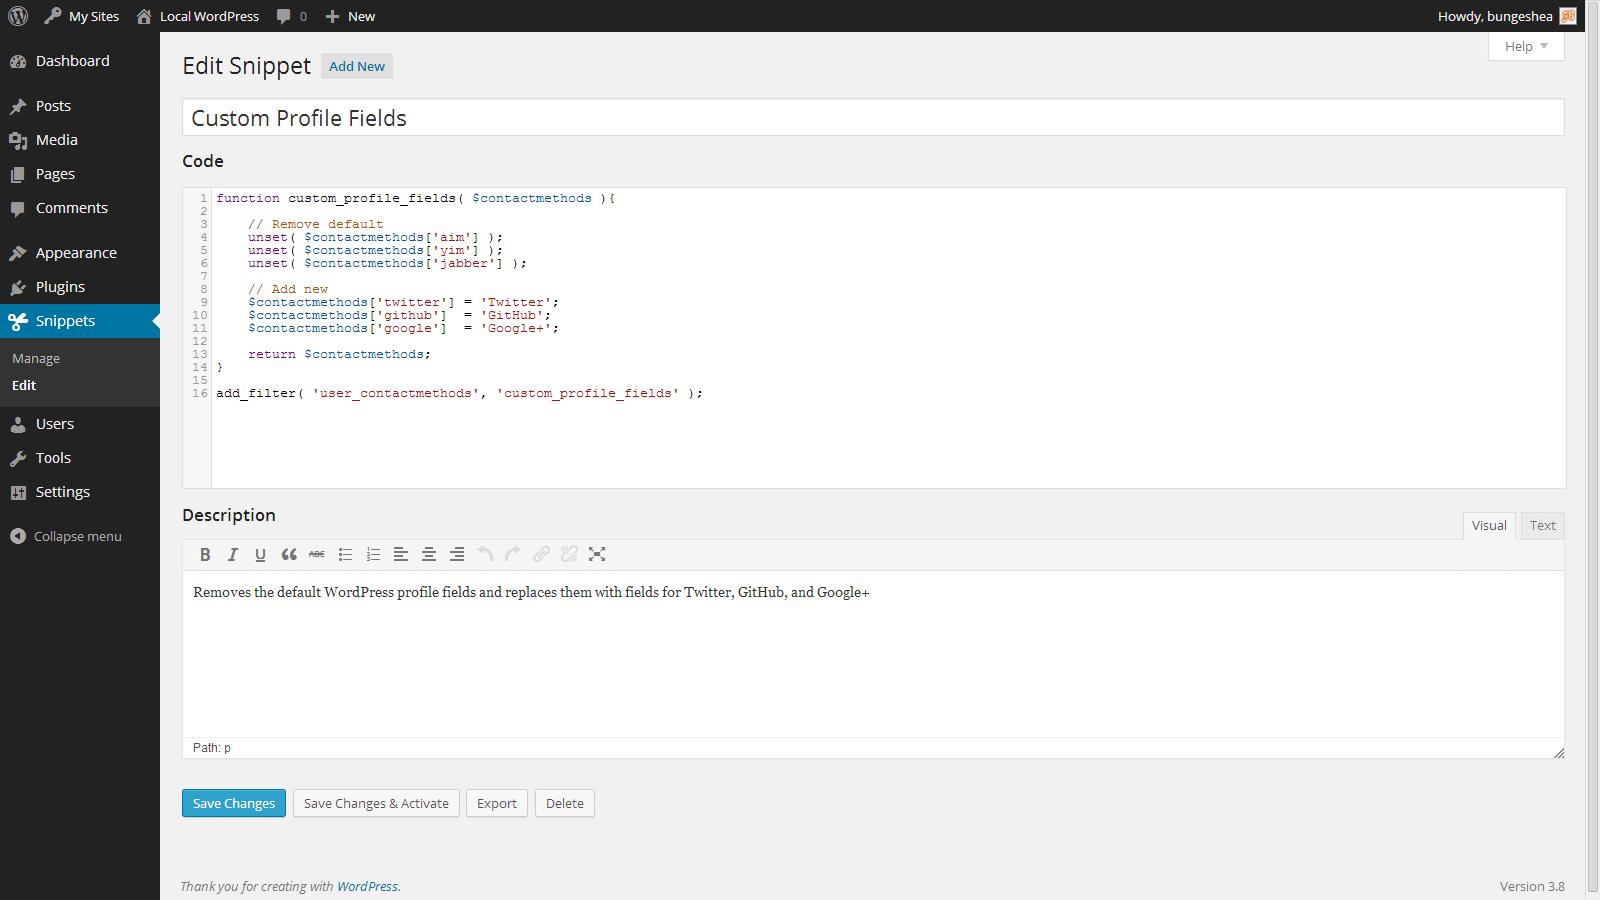 اضافه نمودن آسان قطعه کد ها به توابع وردپرس